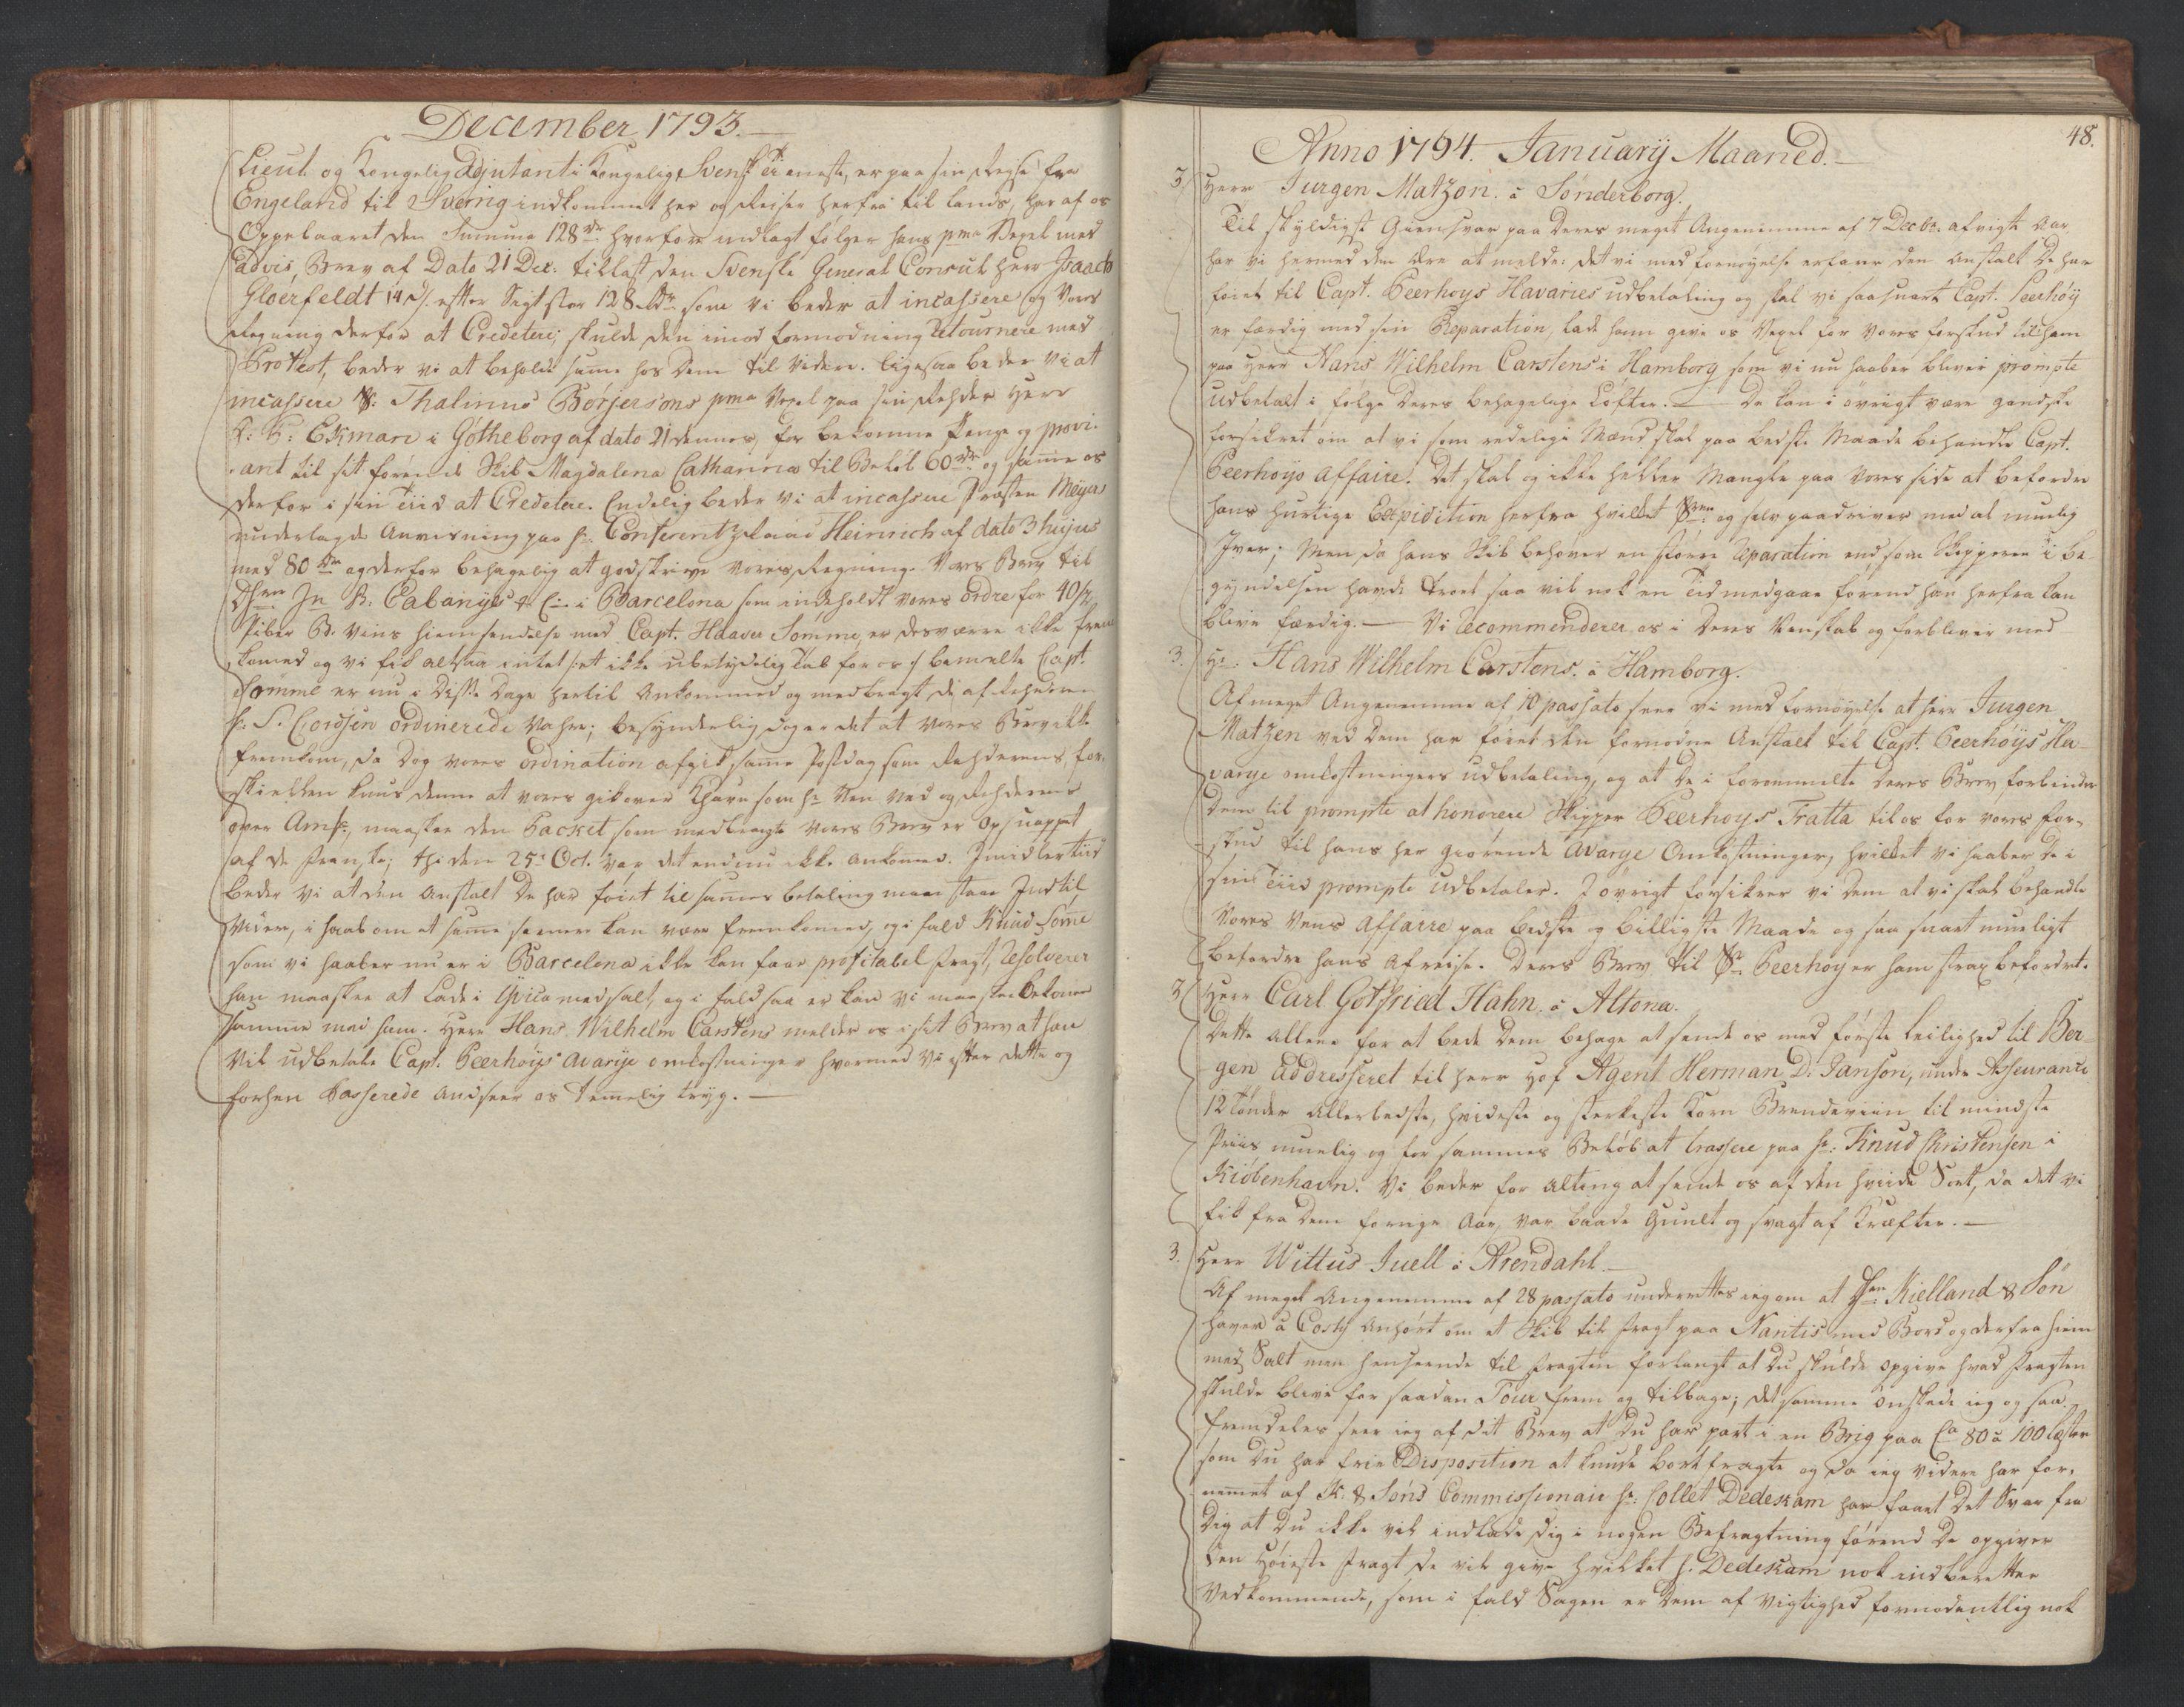 SAST, Pa 0003 - Ploug & Sundt, handelshuset, B/L0007: Kopibok, 1793-1797, s. 47b-48a